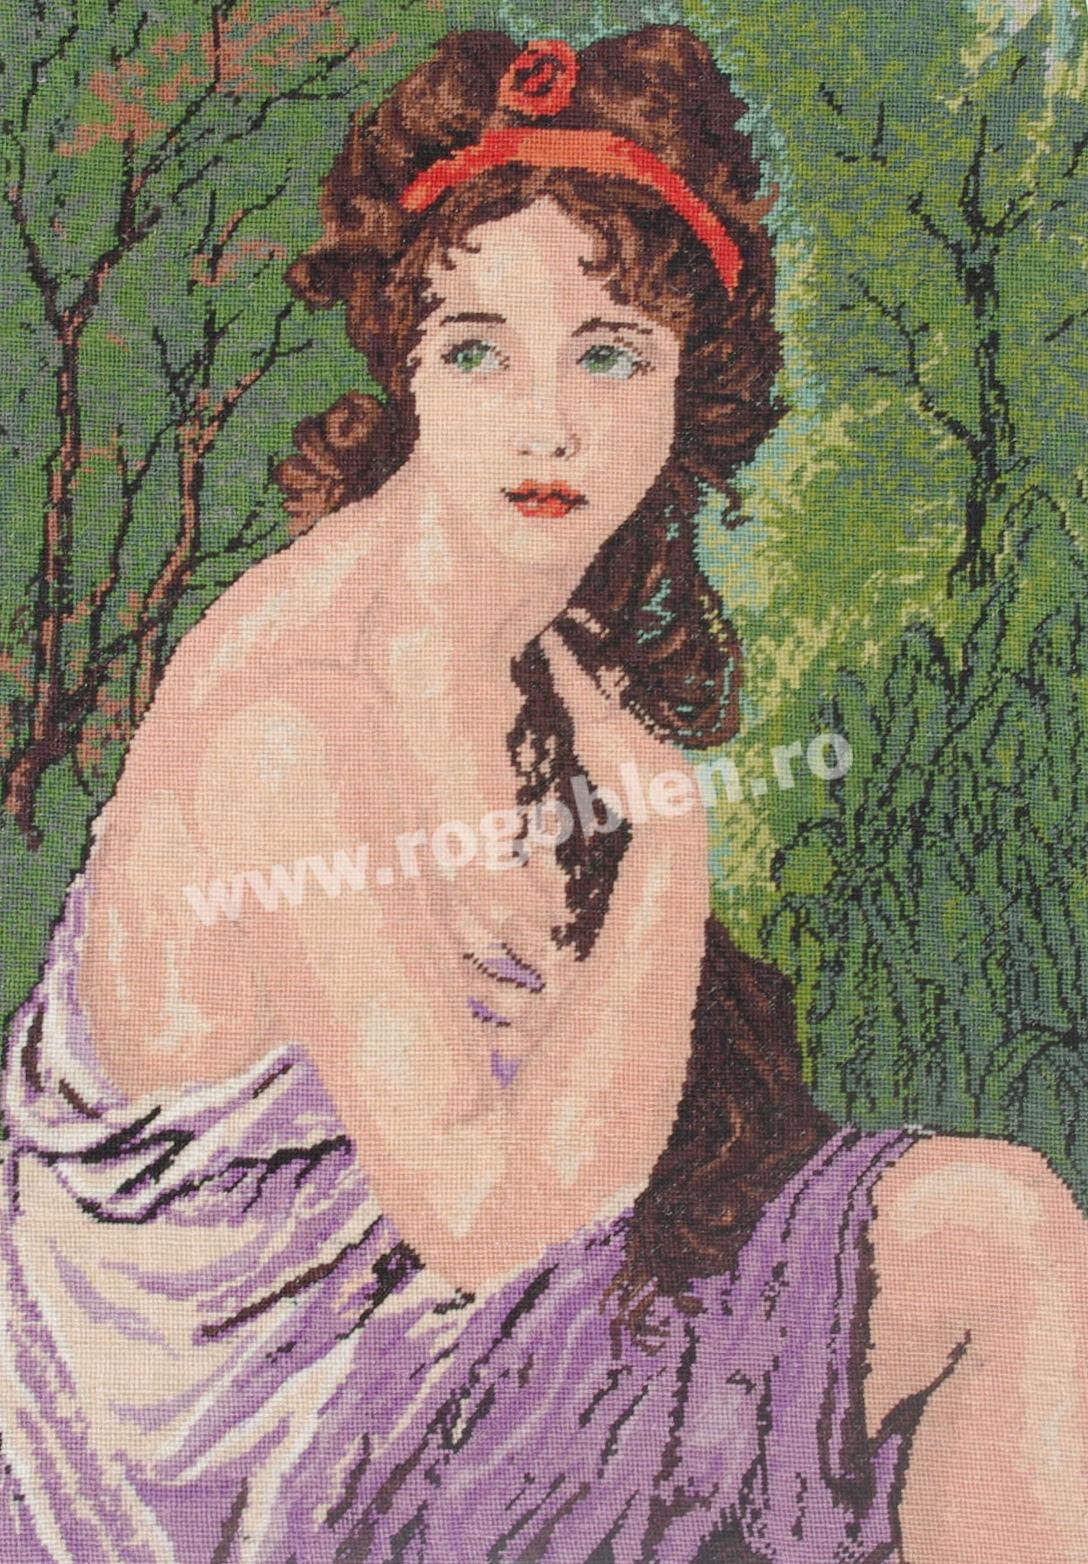 La fille du peintre